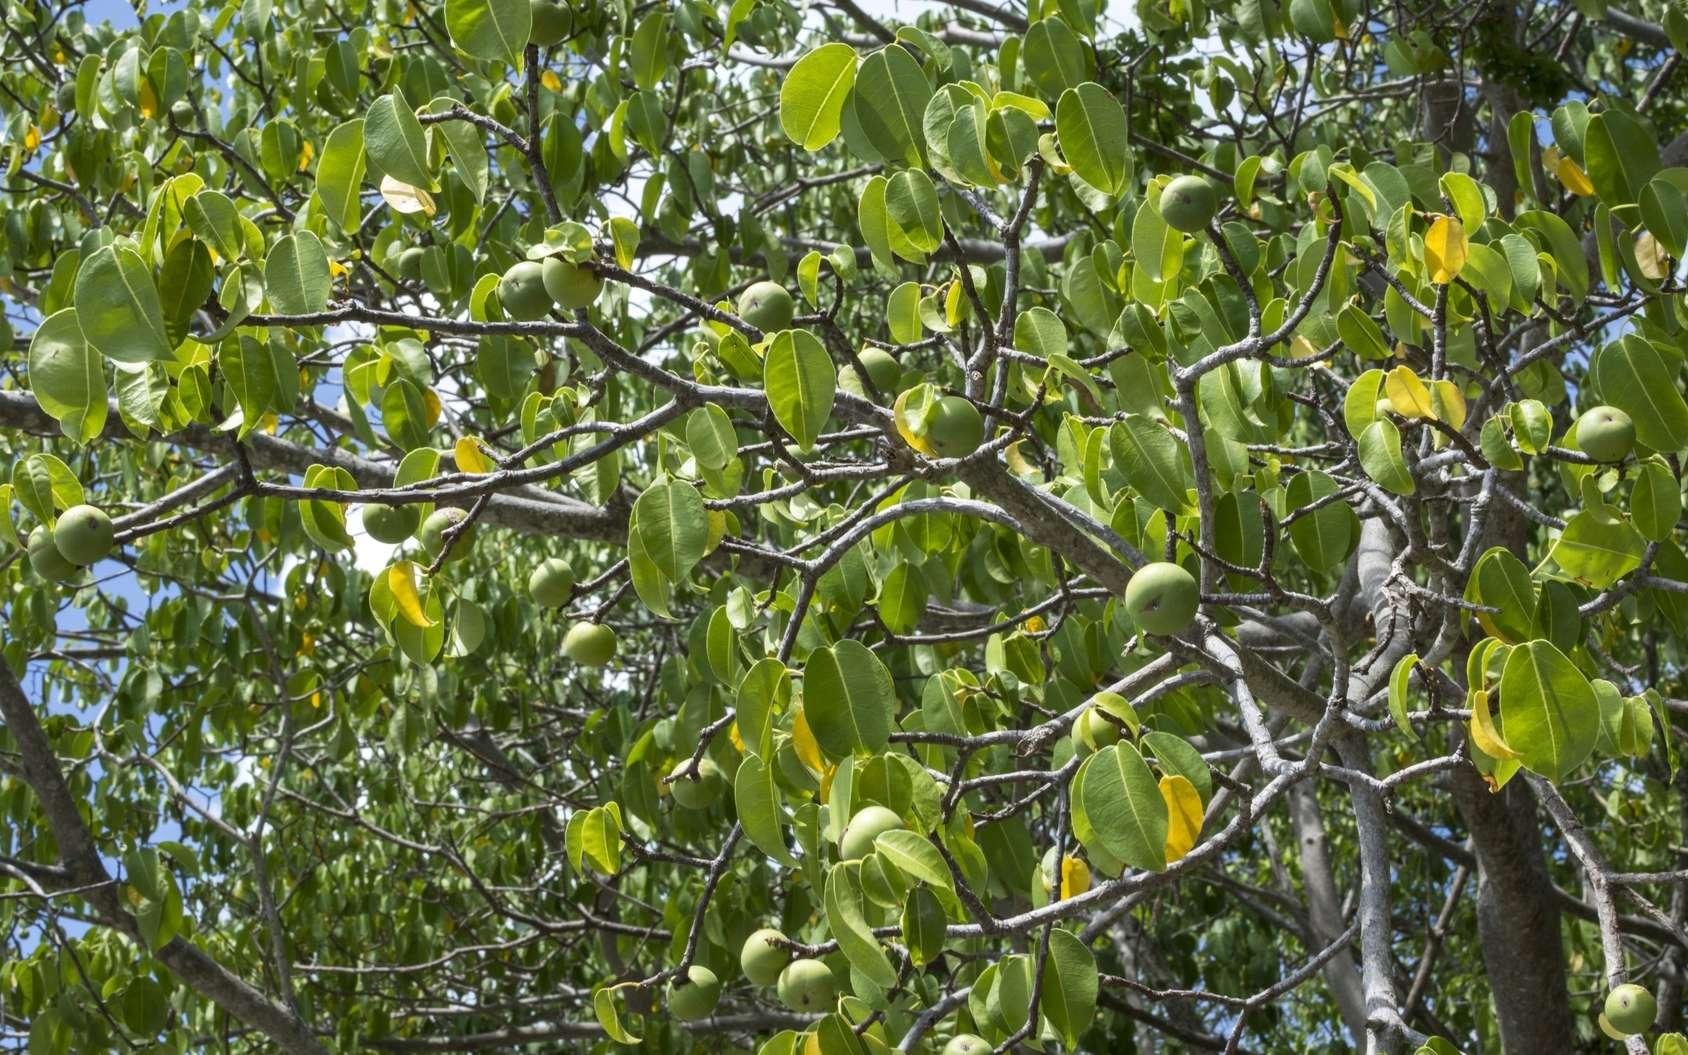 Photo de mancenillier. Les fruits du mancenillier sont mortels. © Shakzu, Fotolia